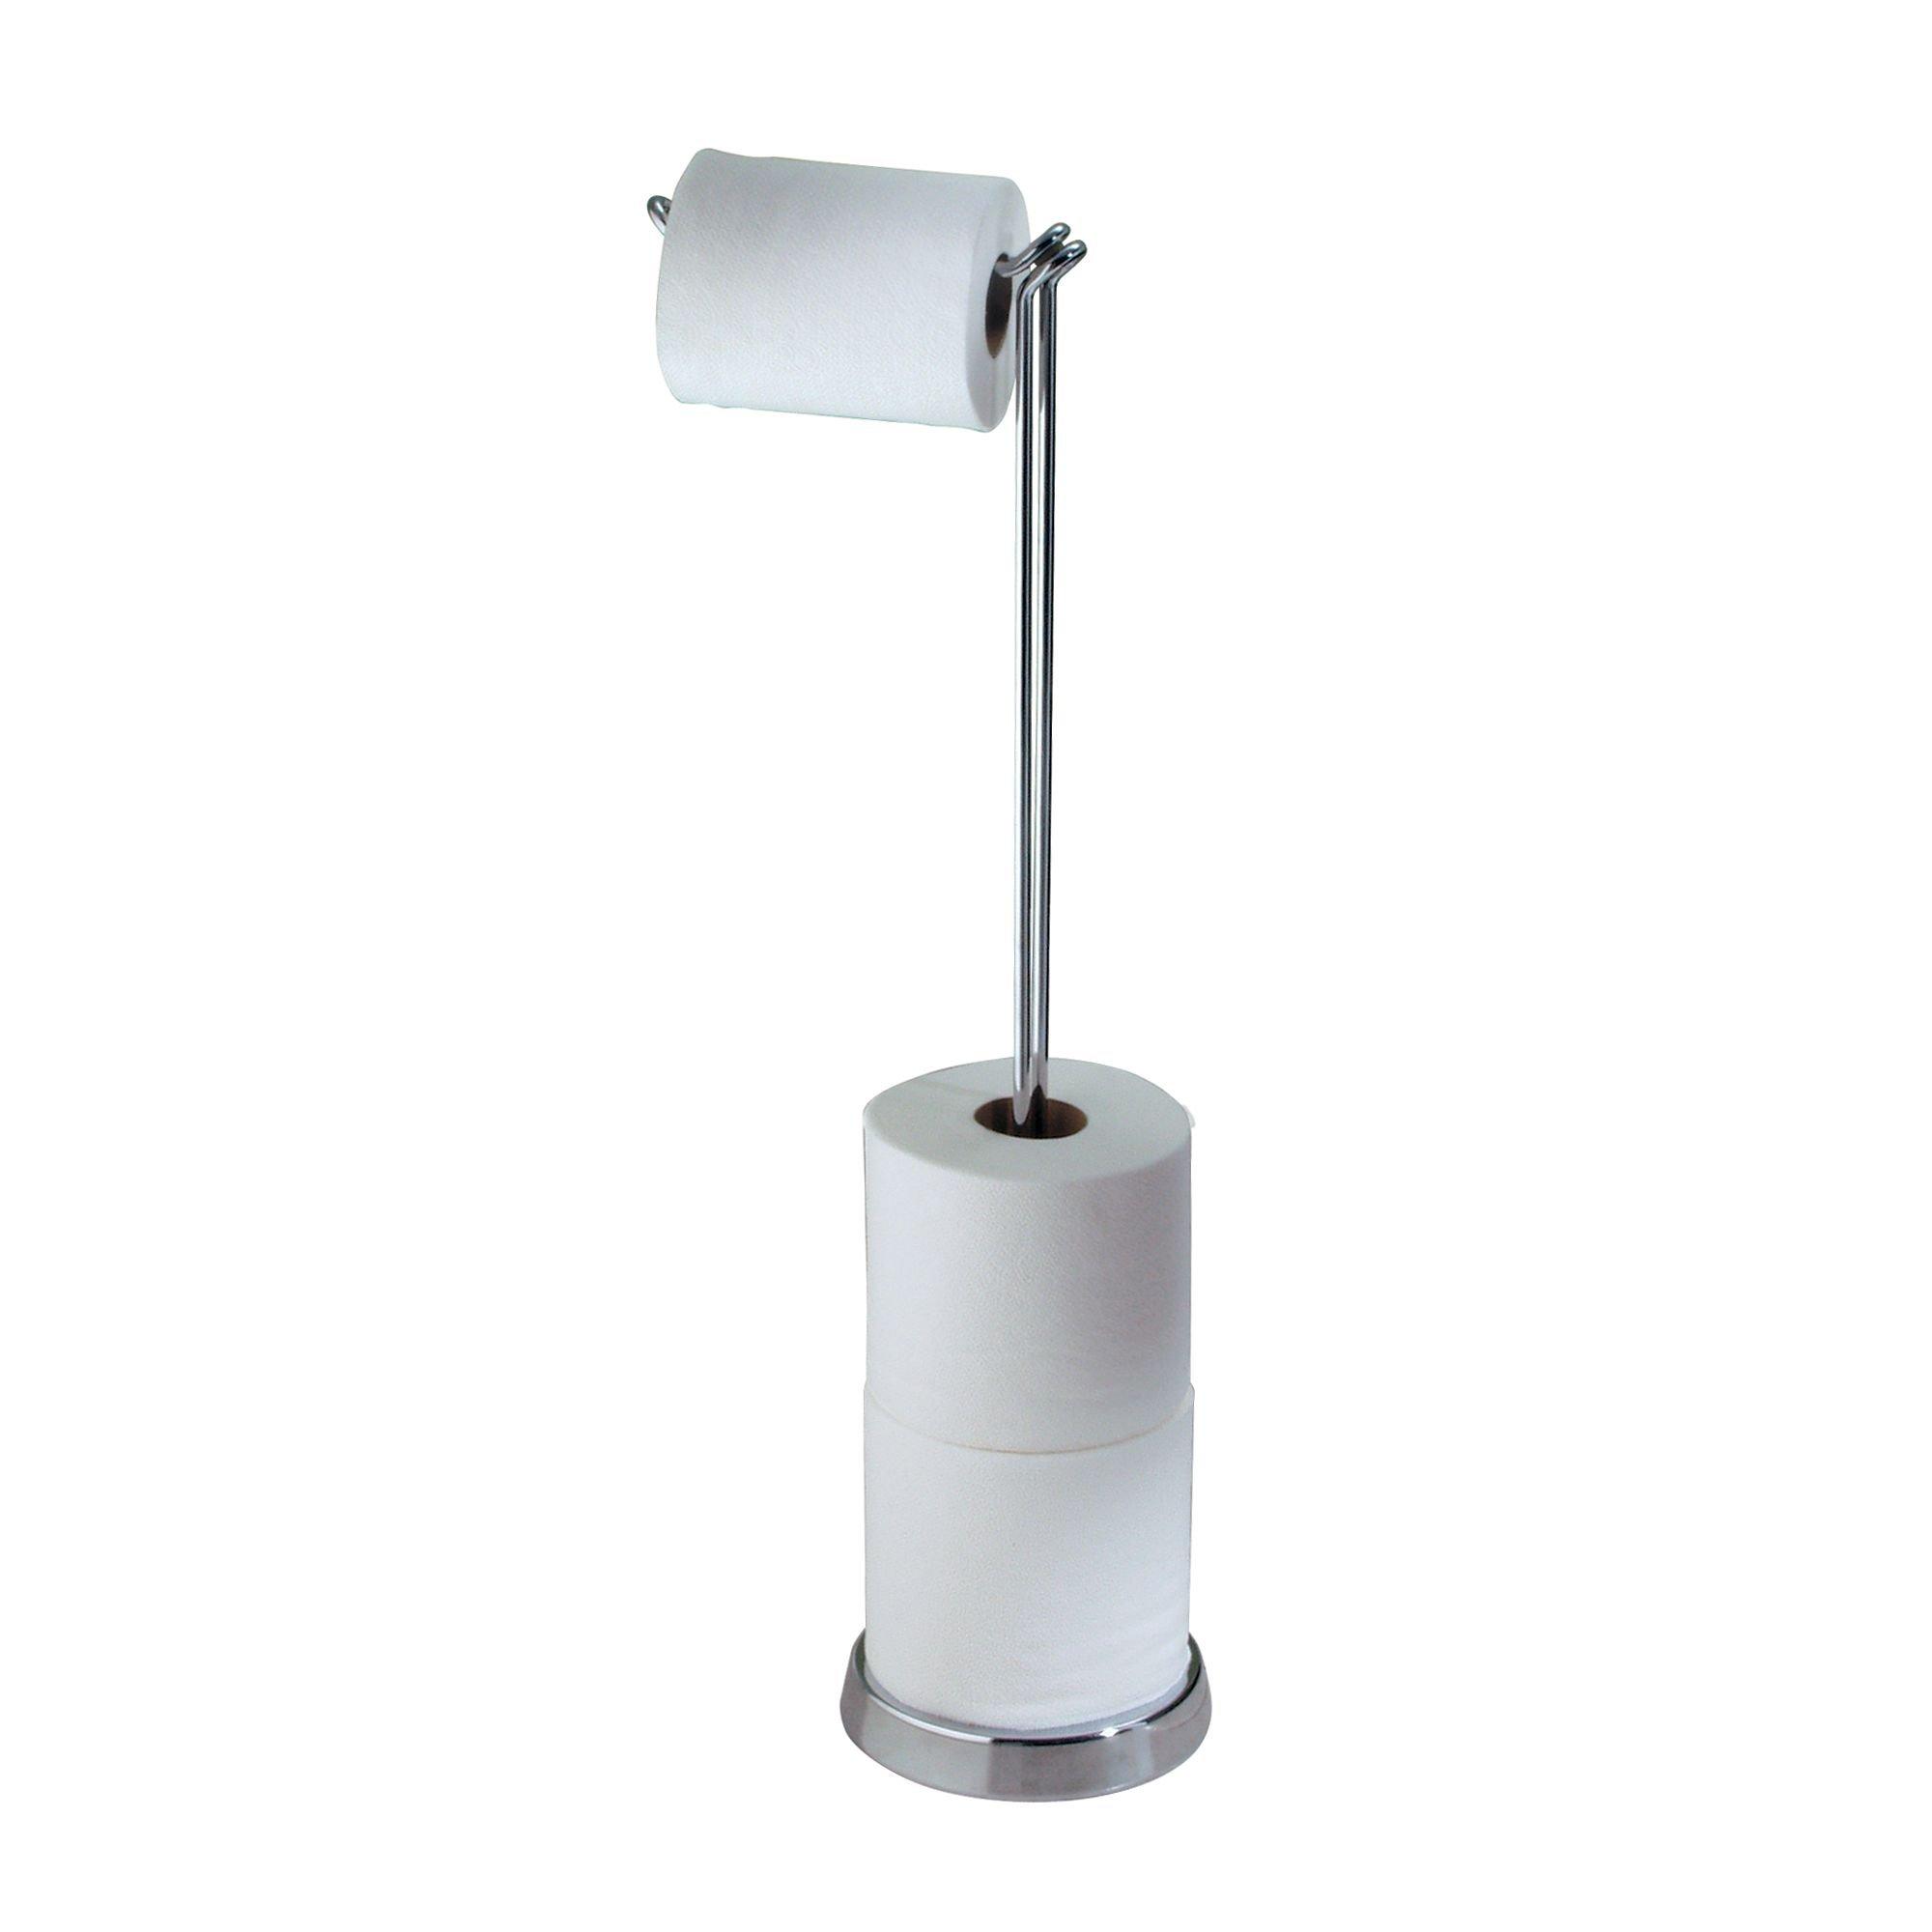 mDesign Freestanding Toilet Paper Roll Holder with Swing Arm Dispenser - Chrome